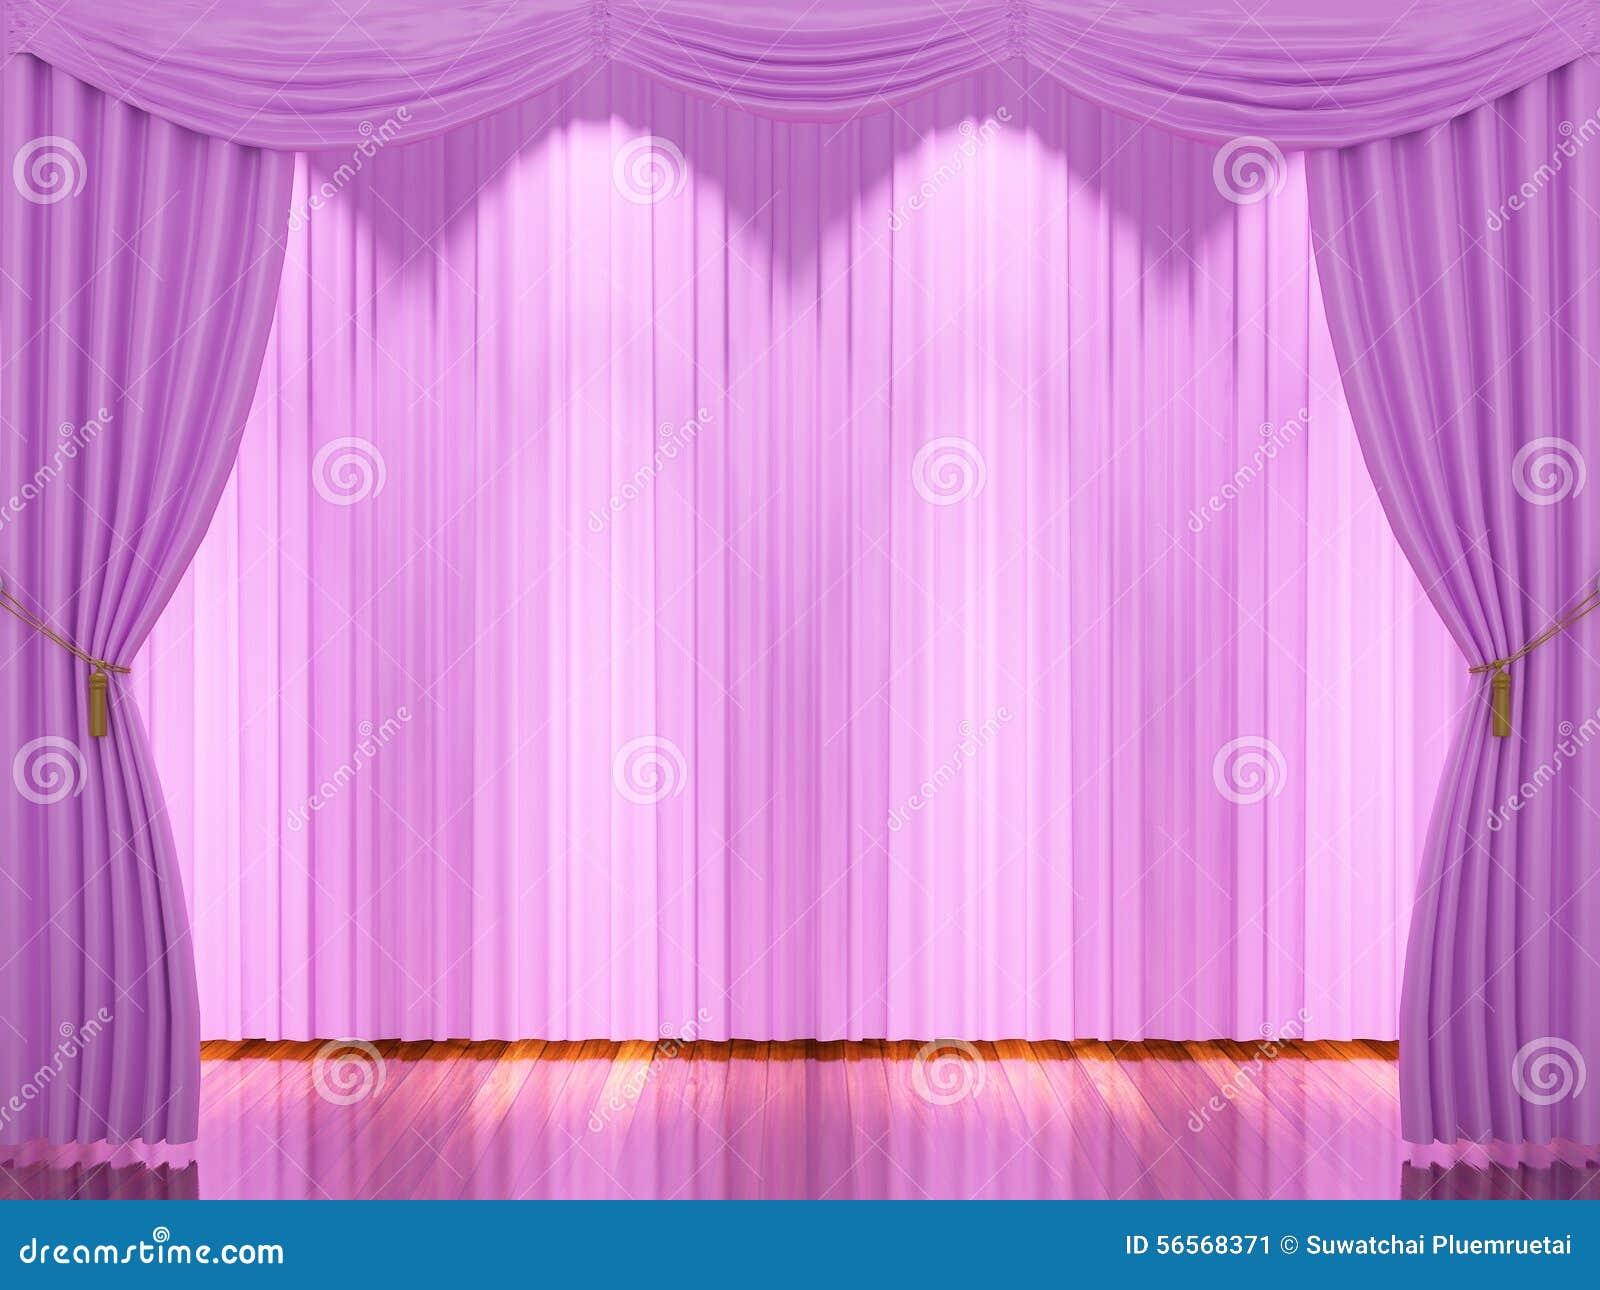 Gordijnen Babykamer Roze : Moderne gordijn roze gordijnen voor meisjes kamer romantische rose